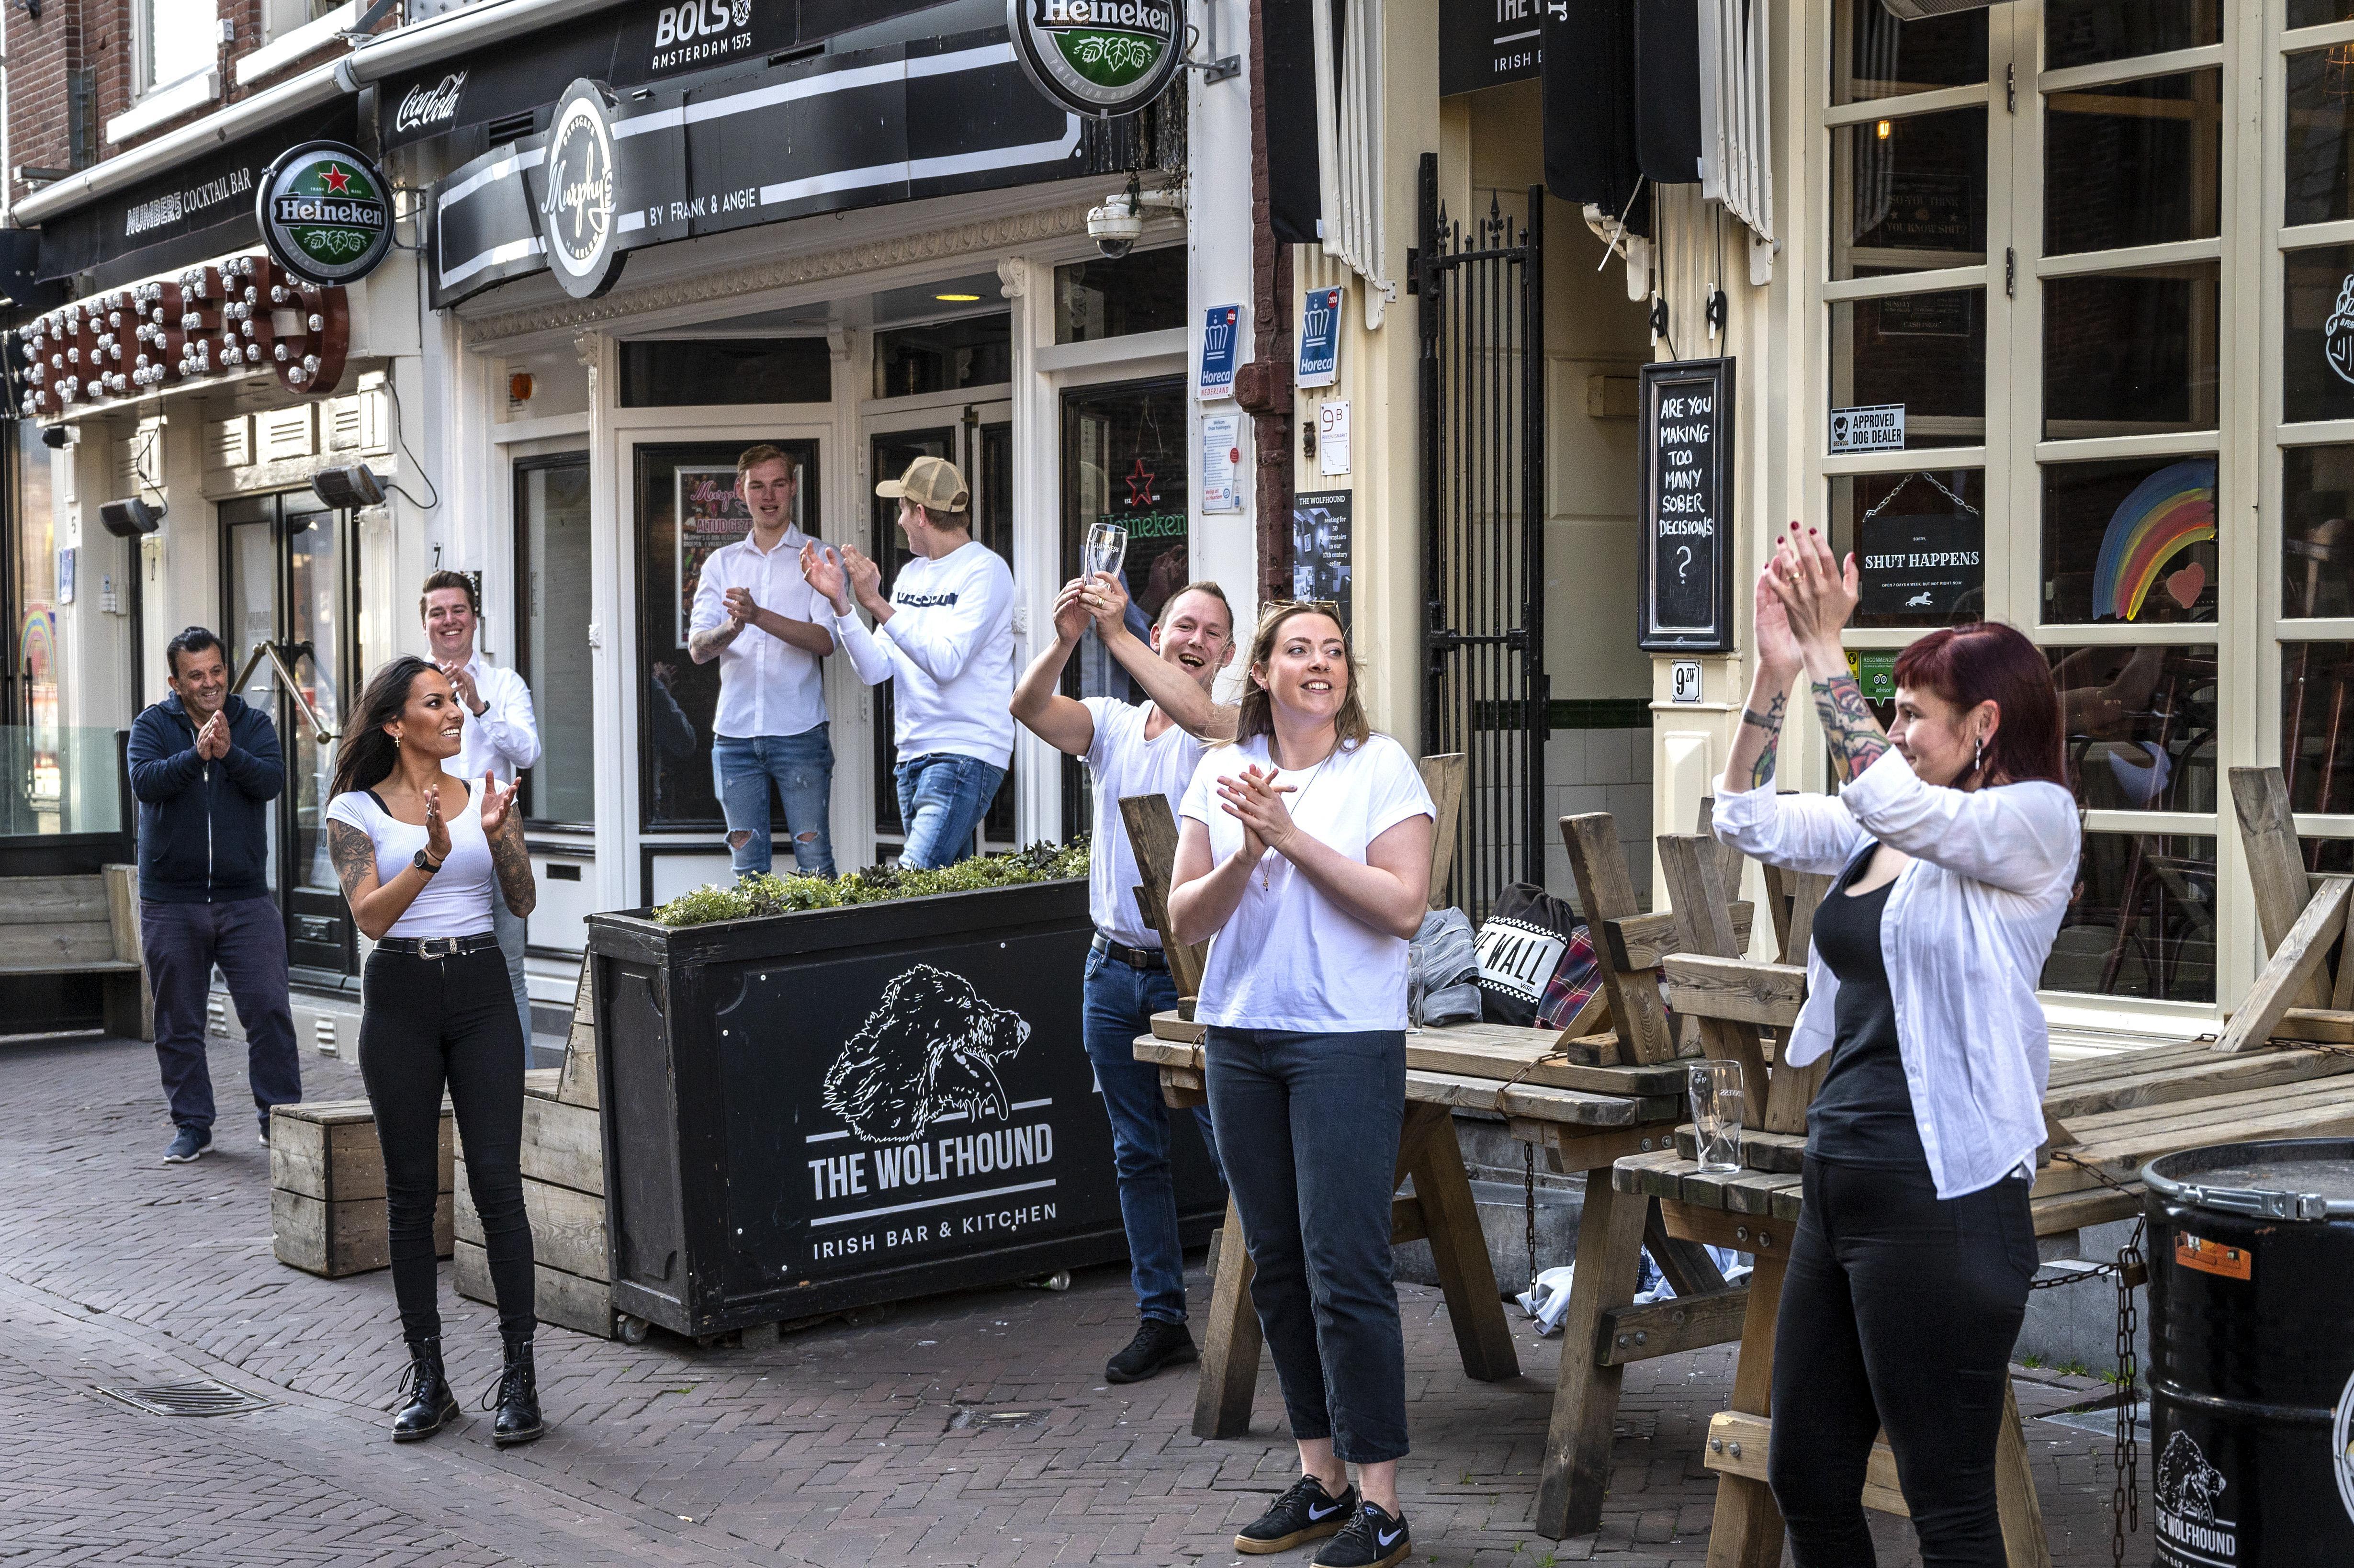 Haarlemse regio reageert met gemengde gevoelens op persconferentie van Rutte: 'Harde klappen in de horeca'